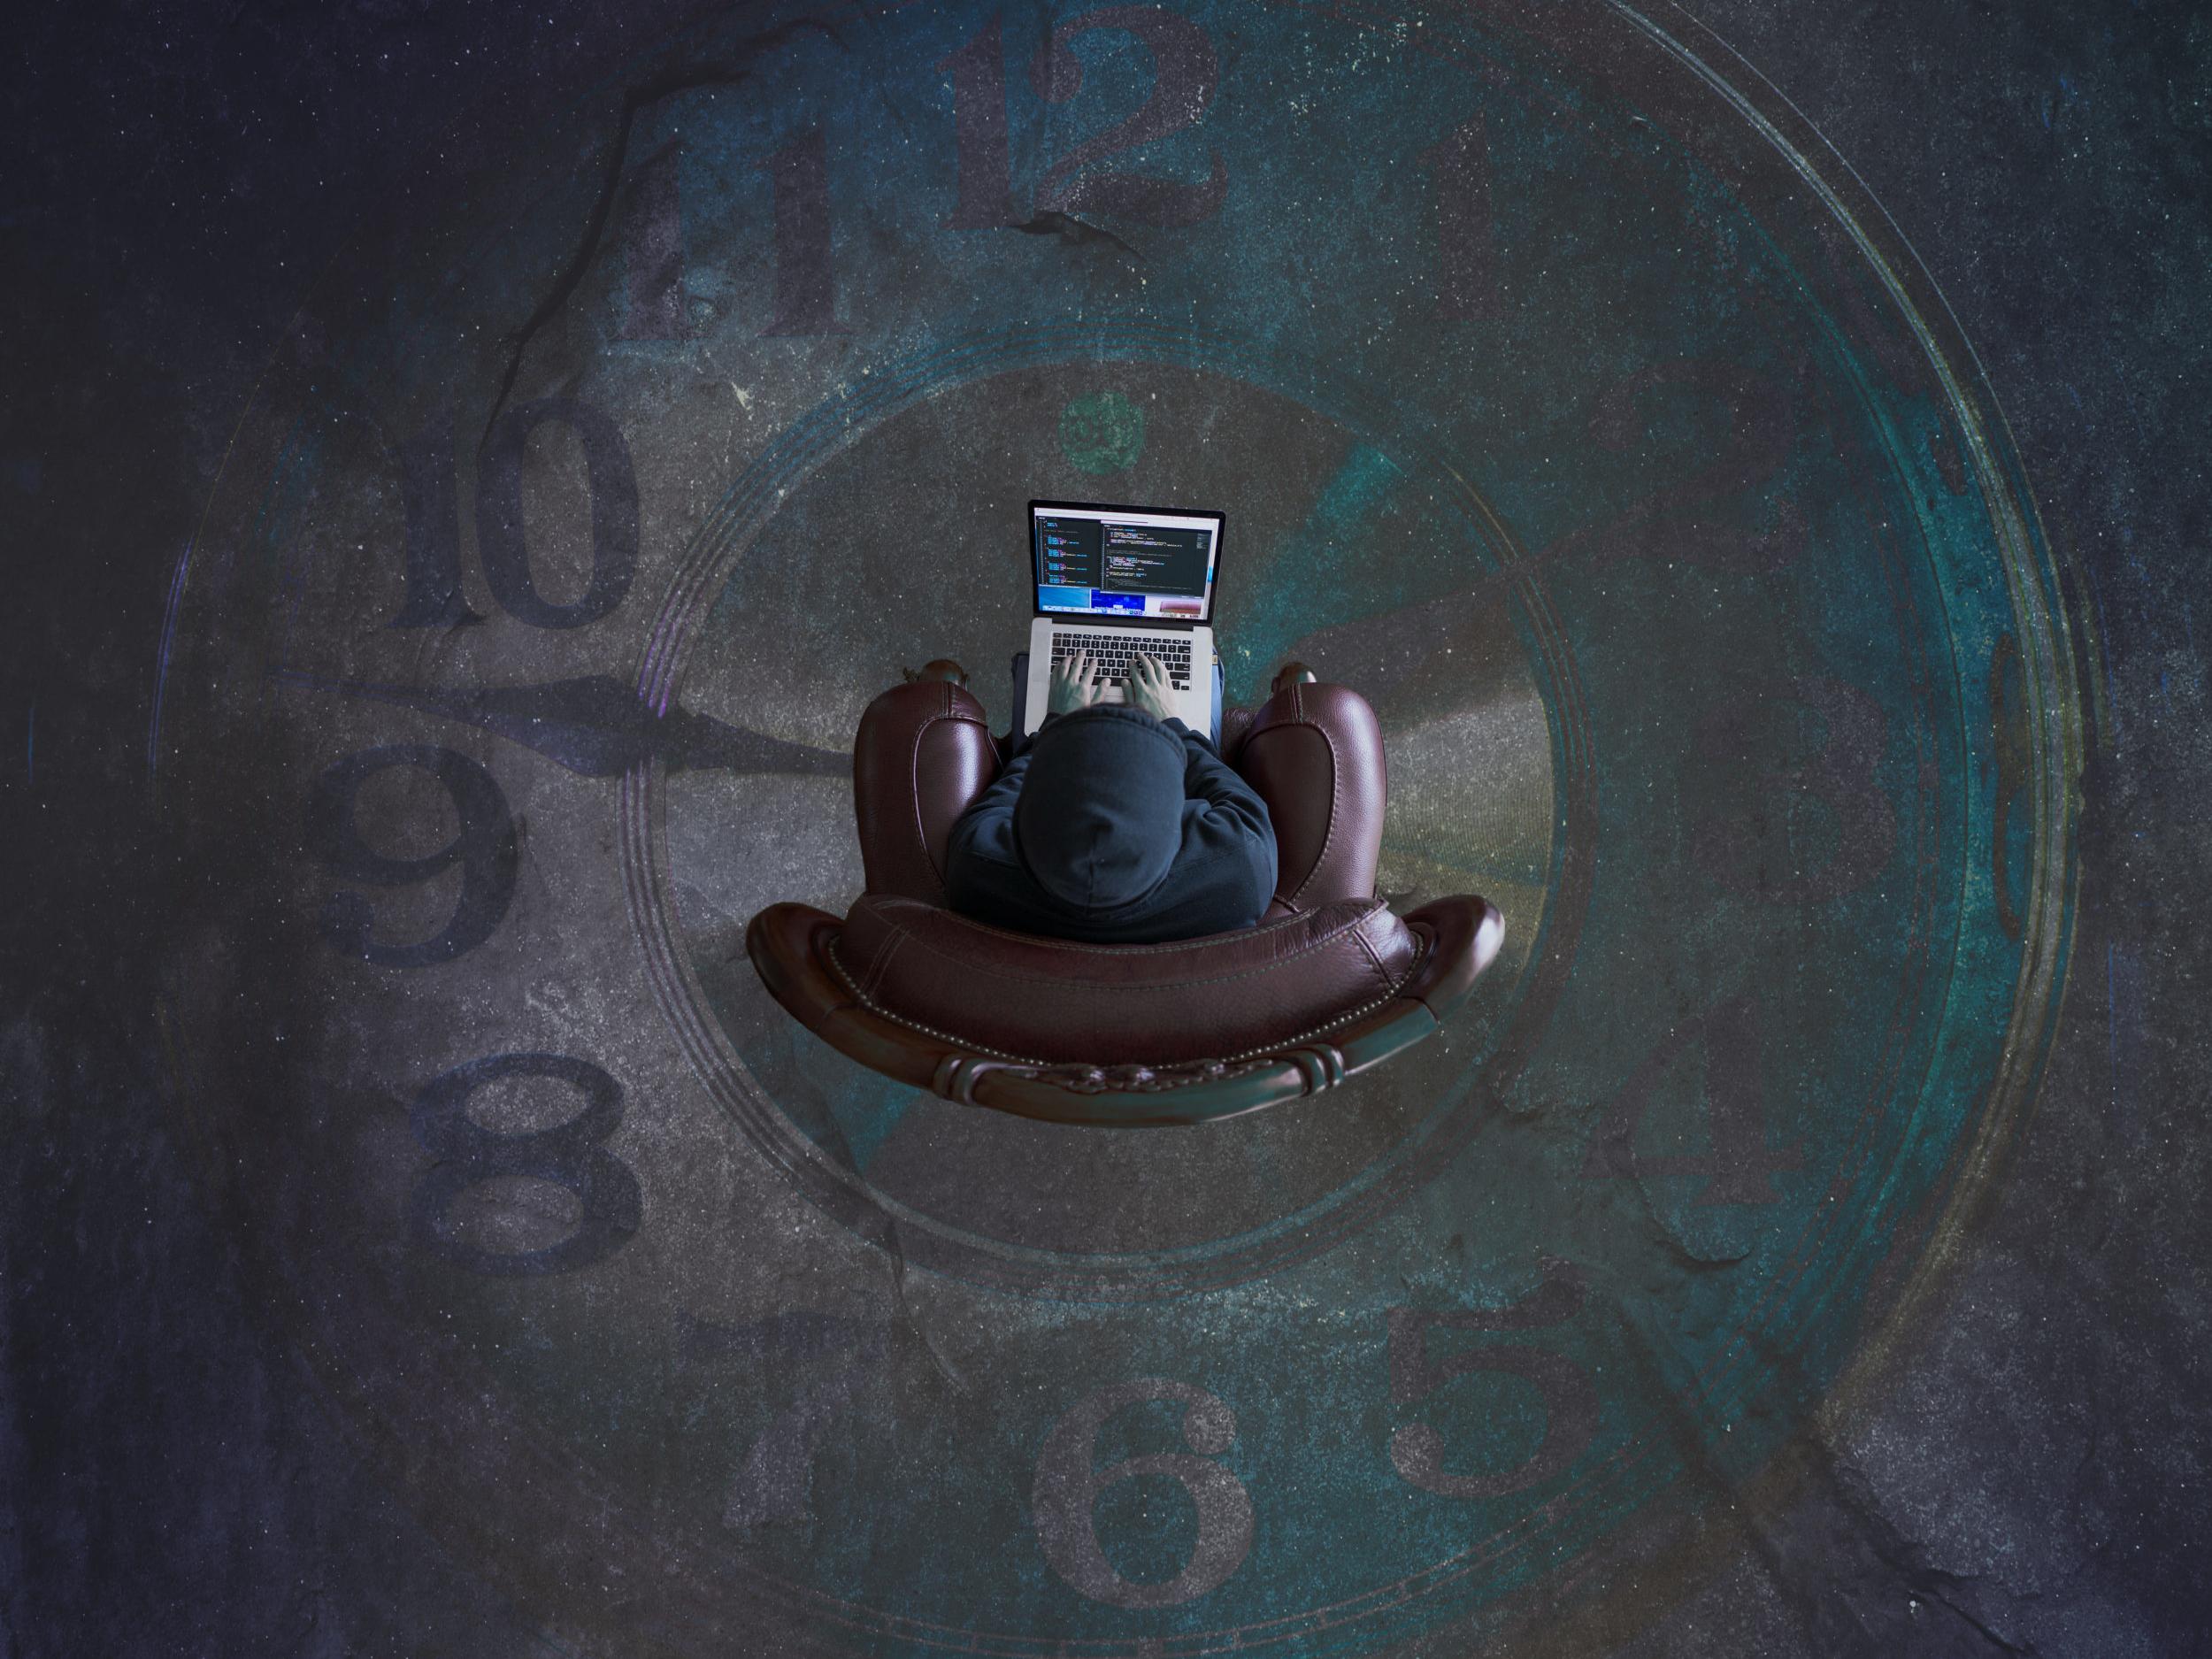 Mann in Sessel mit Laptop von oben in Uhrkreis